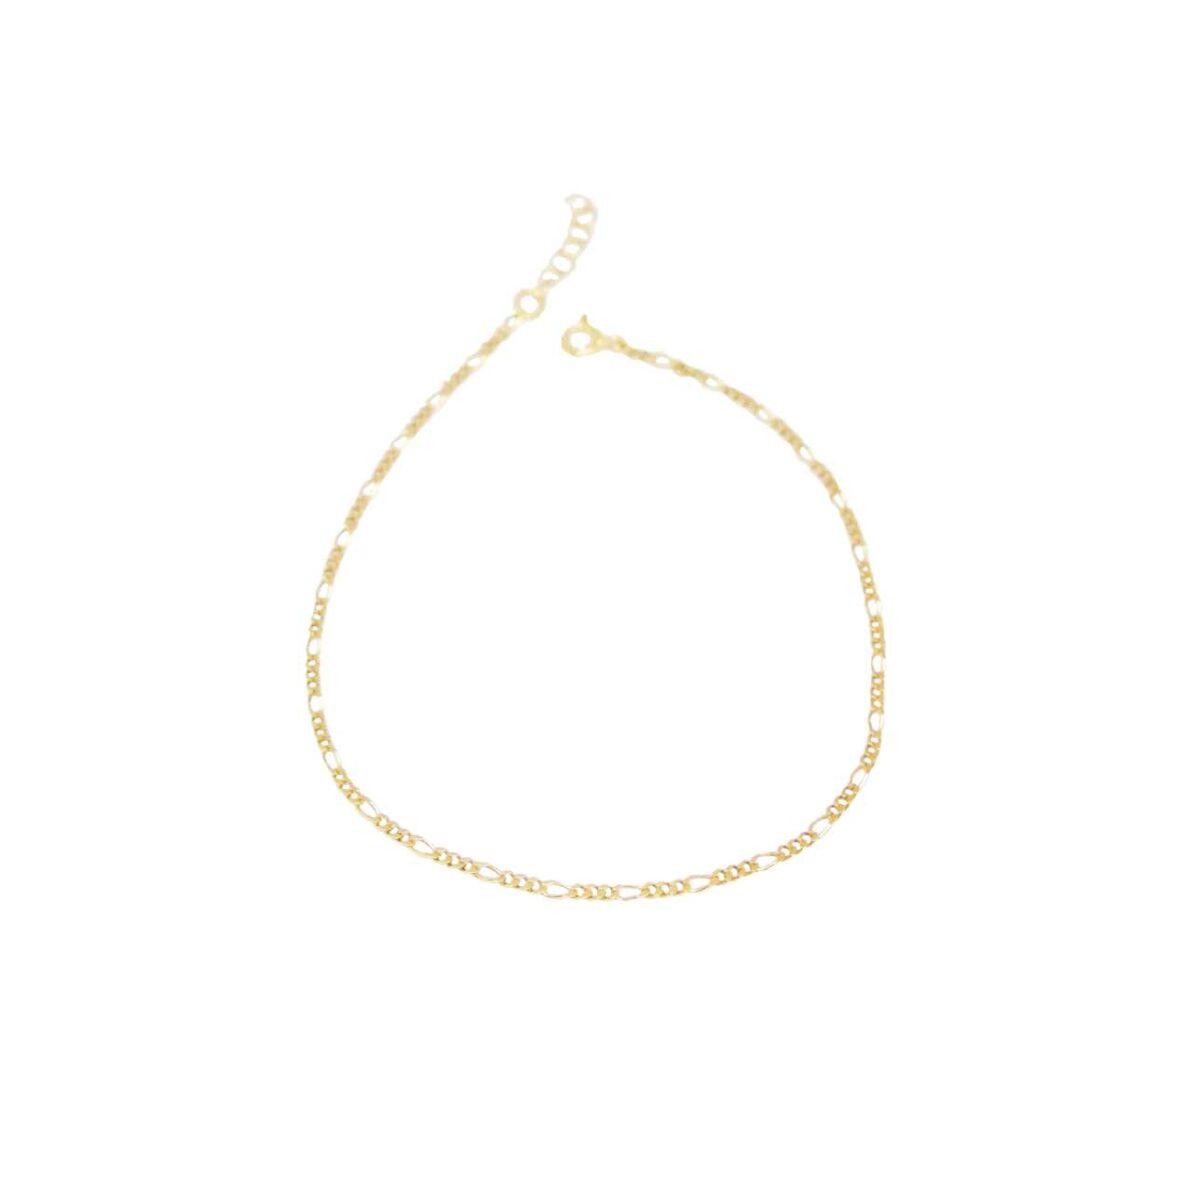 Scarlett bracelet / anklet II gold plated